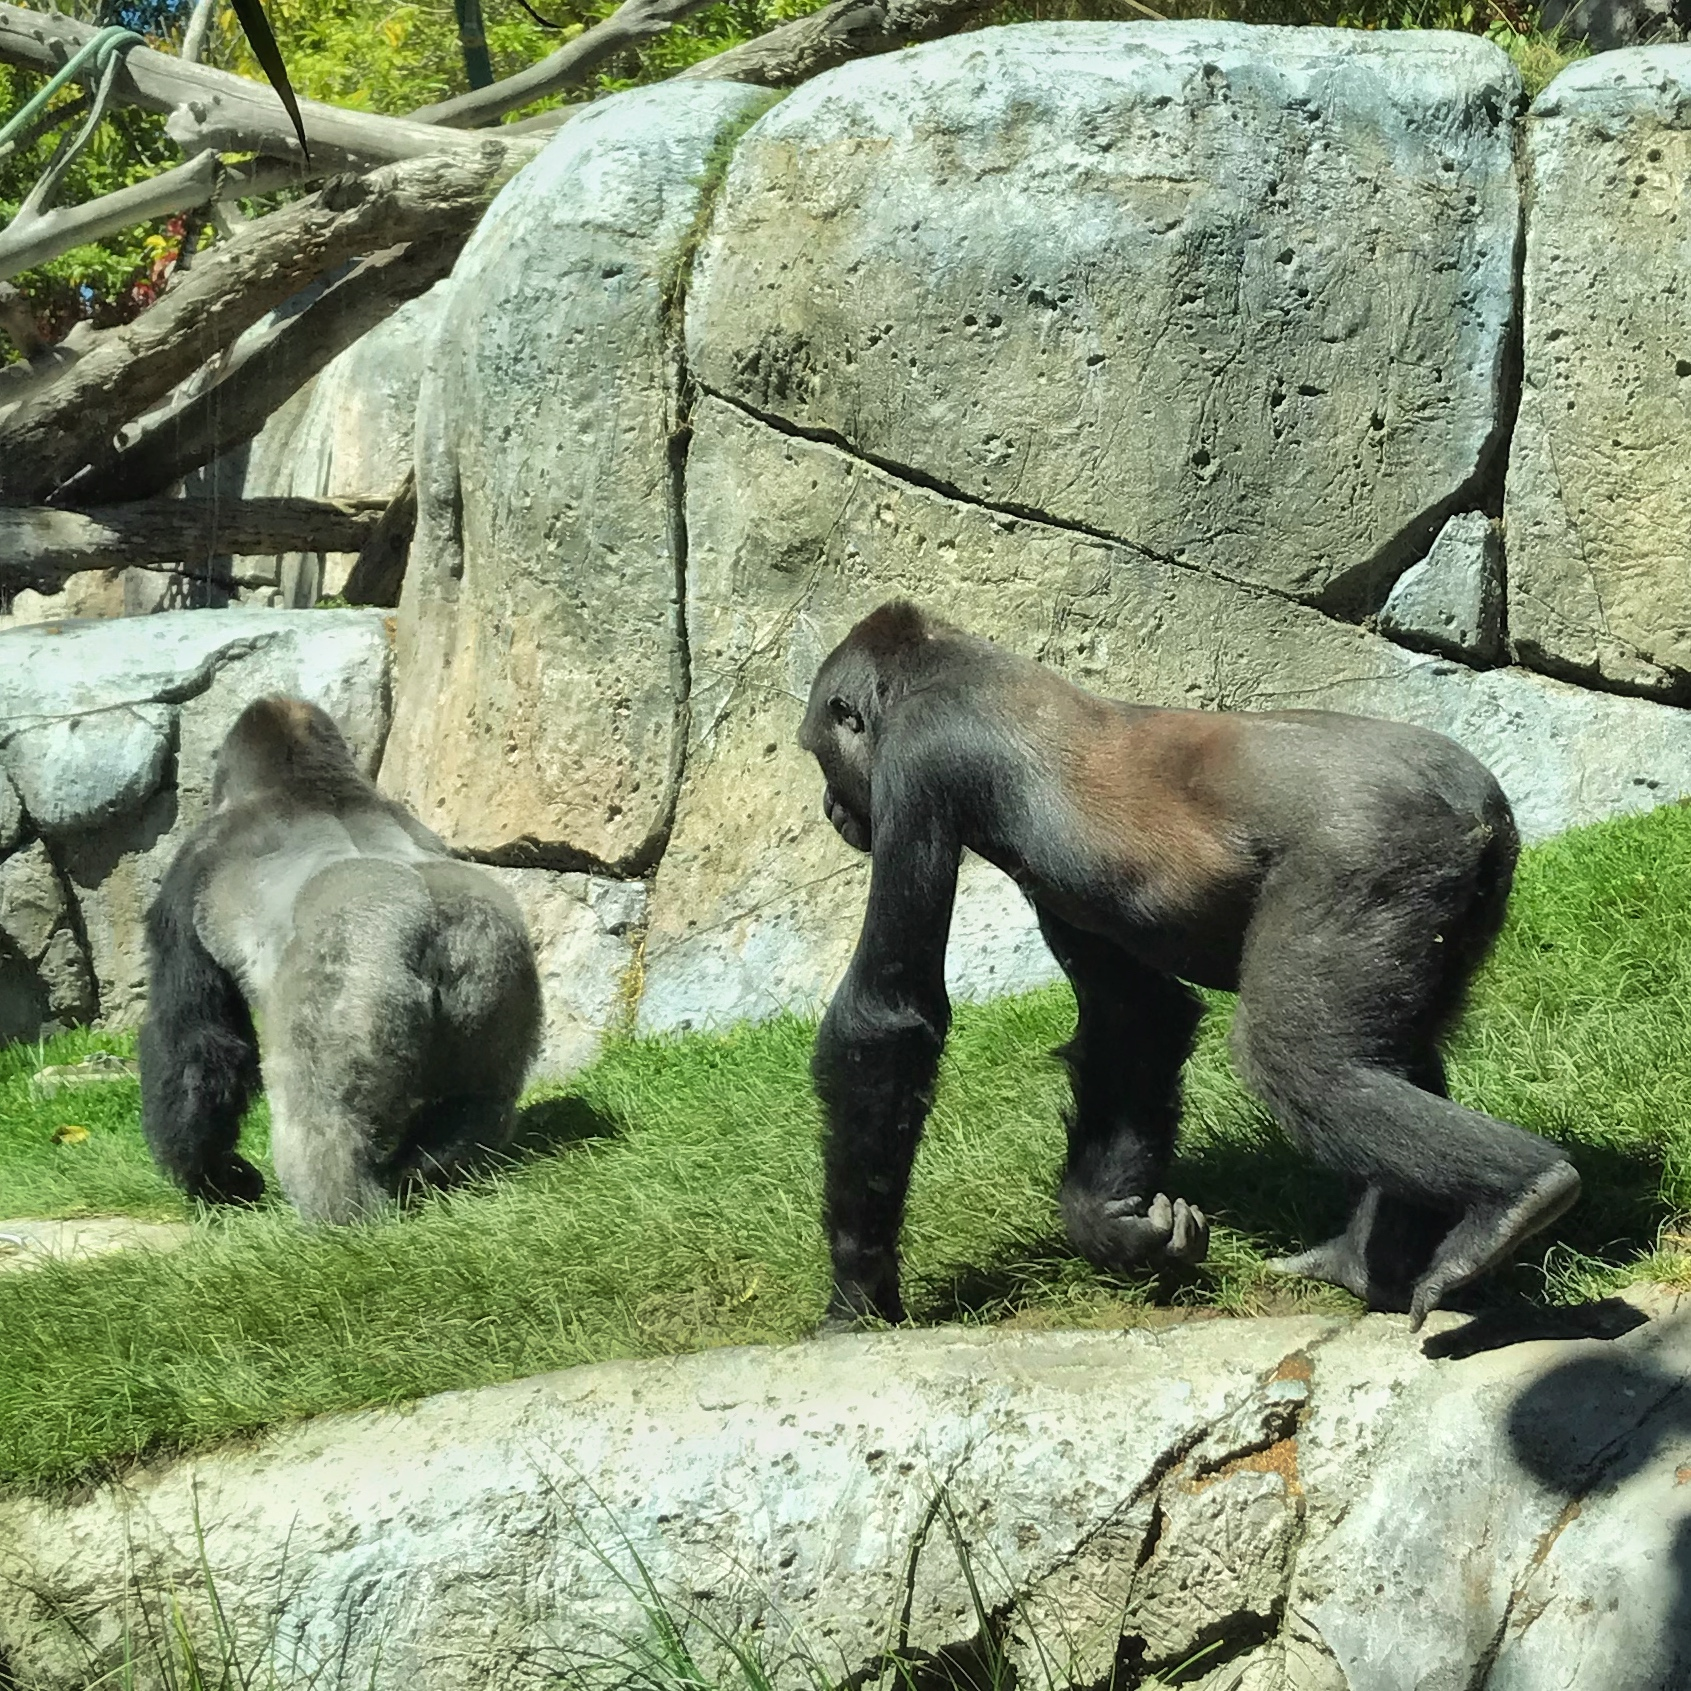 Life as a Gorilla